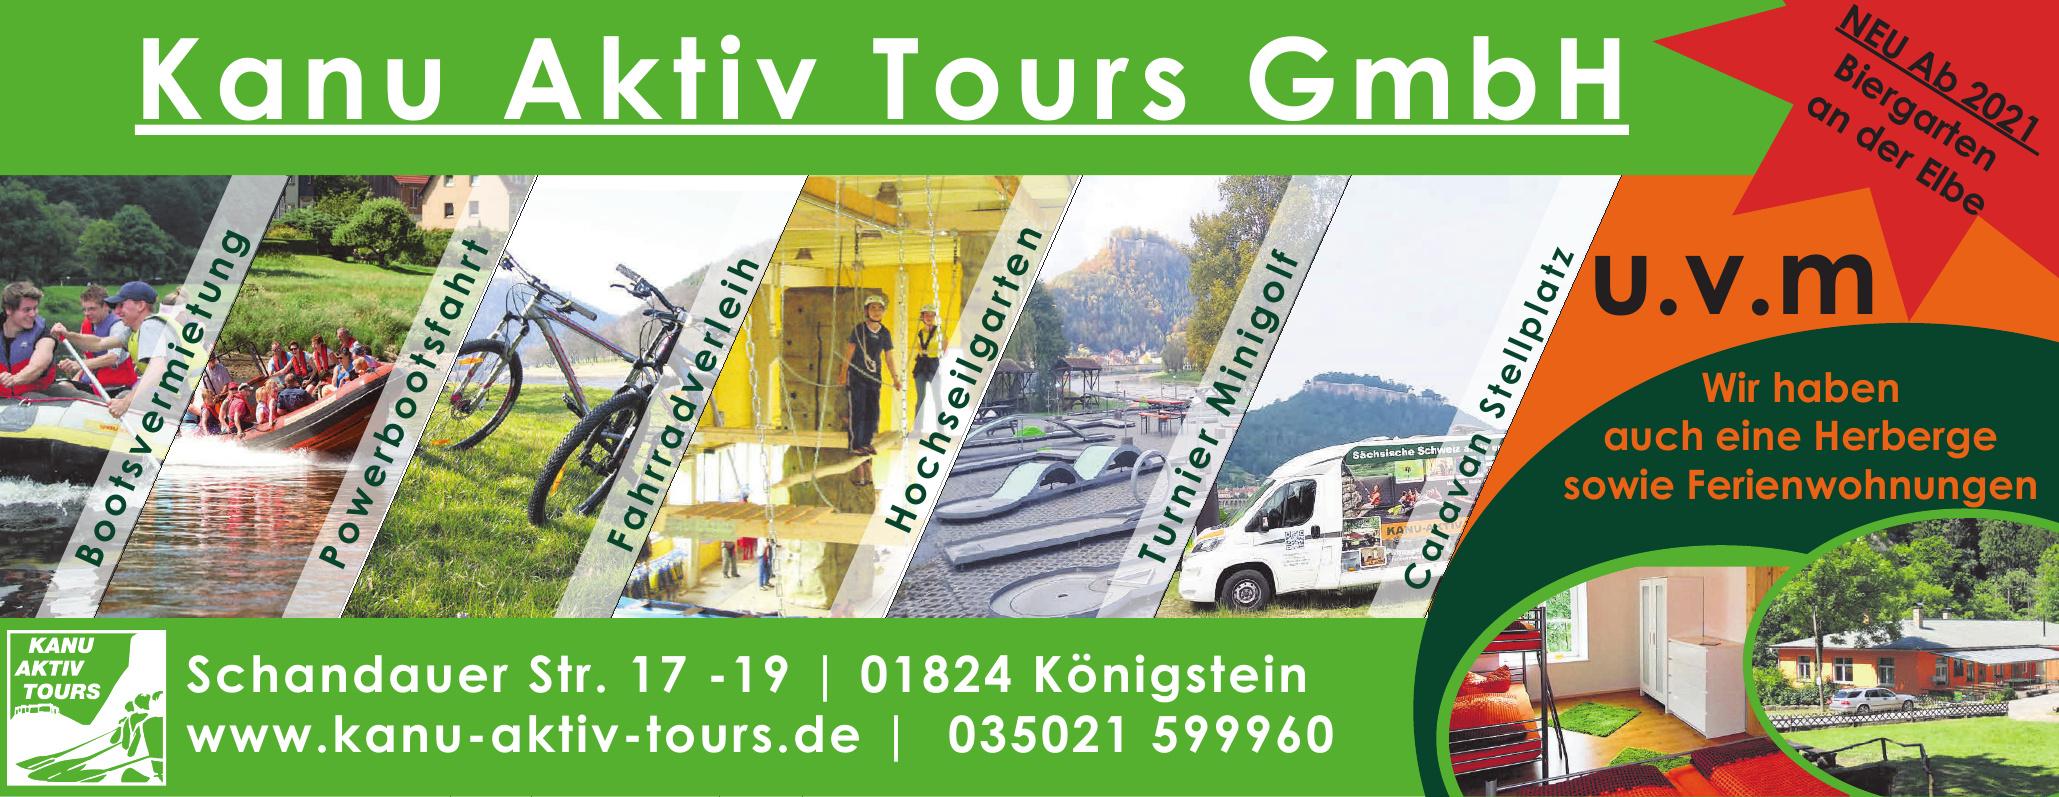 Kanu Aktiv Tours GmbH